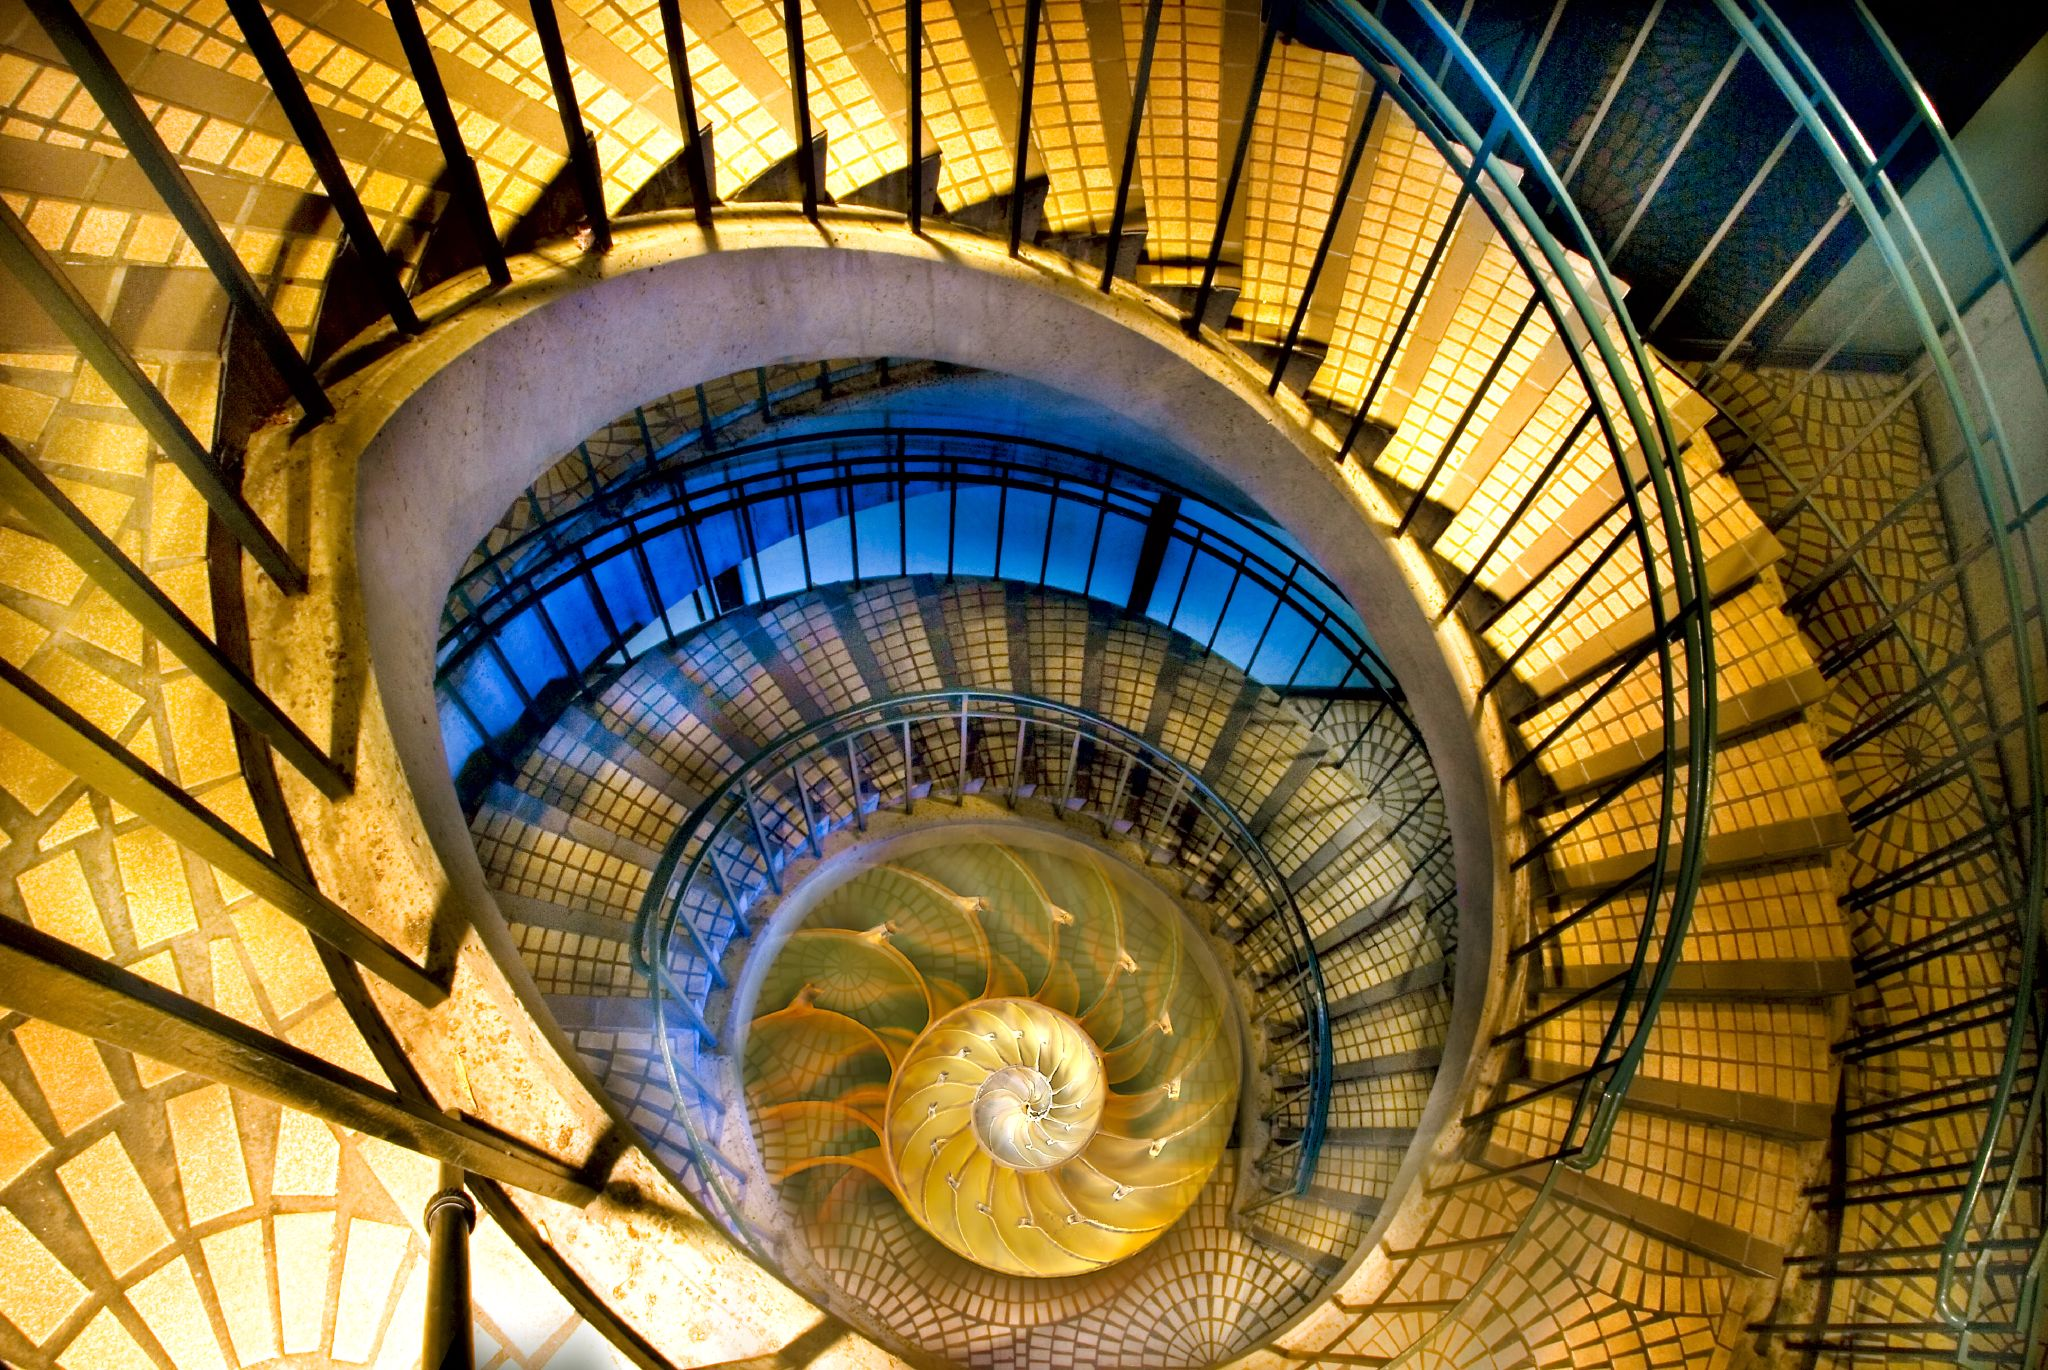 Spirals © Harold Davis